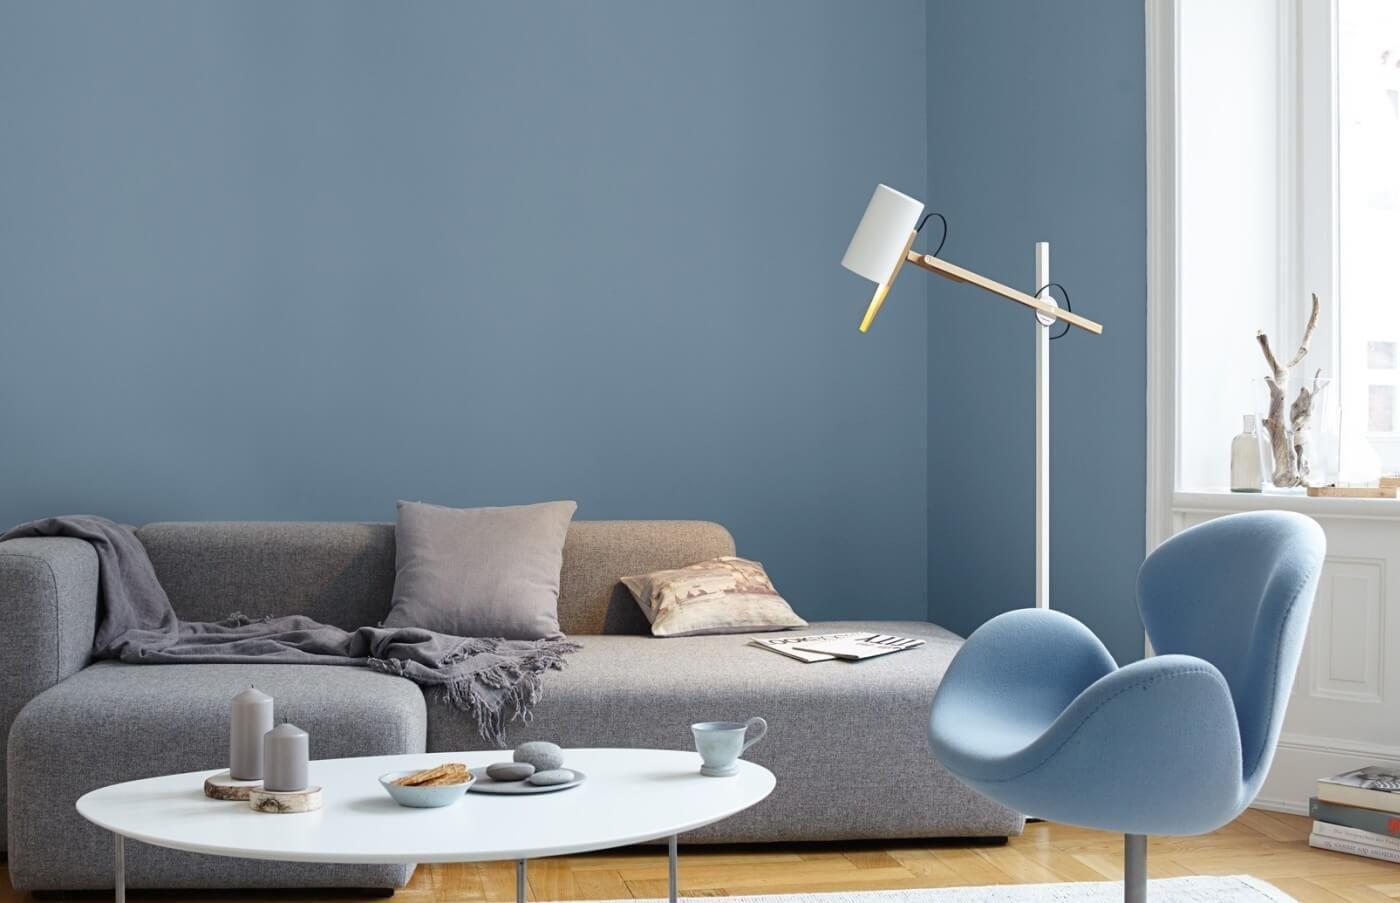 Alpina Feine Farben Edelmatte Wandfarbe Fur Innen Alle Farbtone 2 5l Dose Feine Farben Wohnzimmer Farbe Und Wandfarbe Schlafzimmer